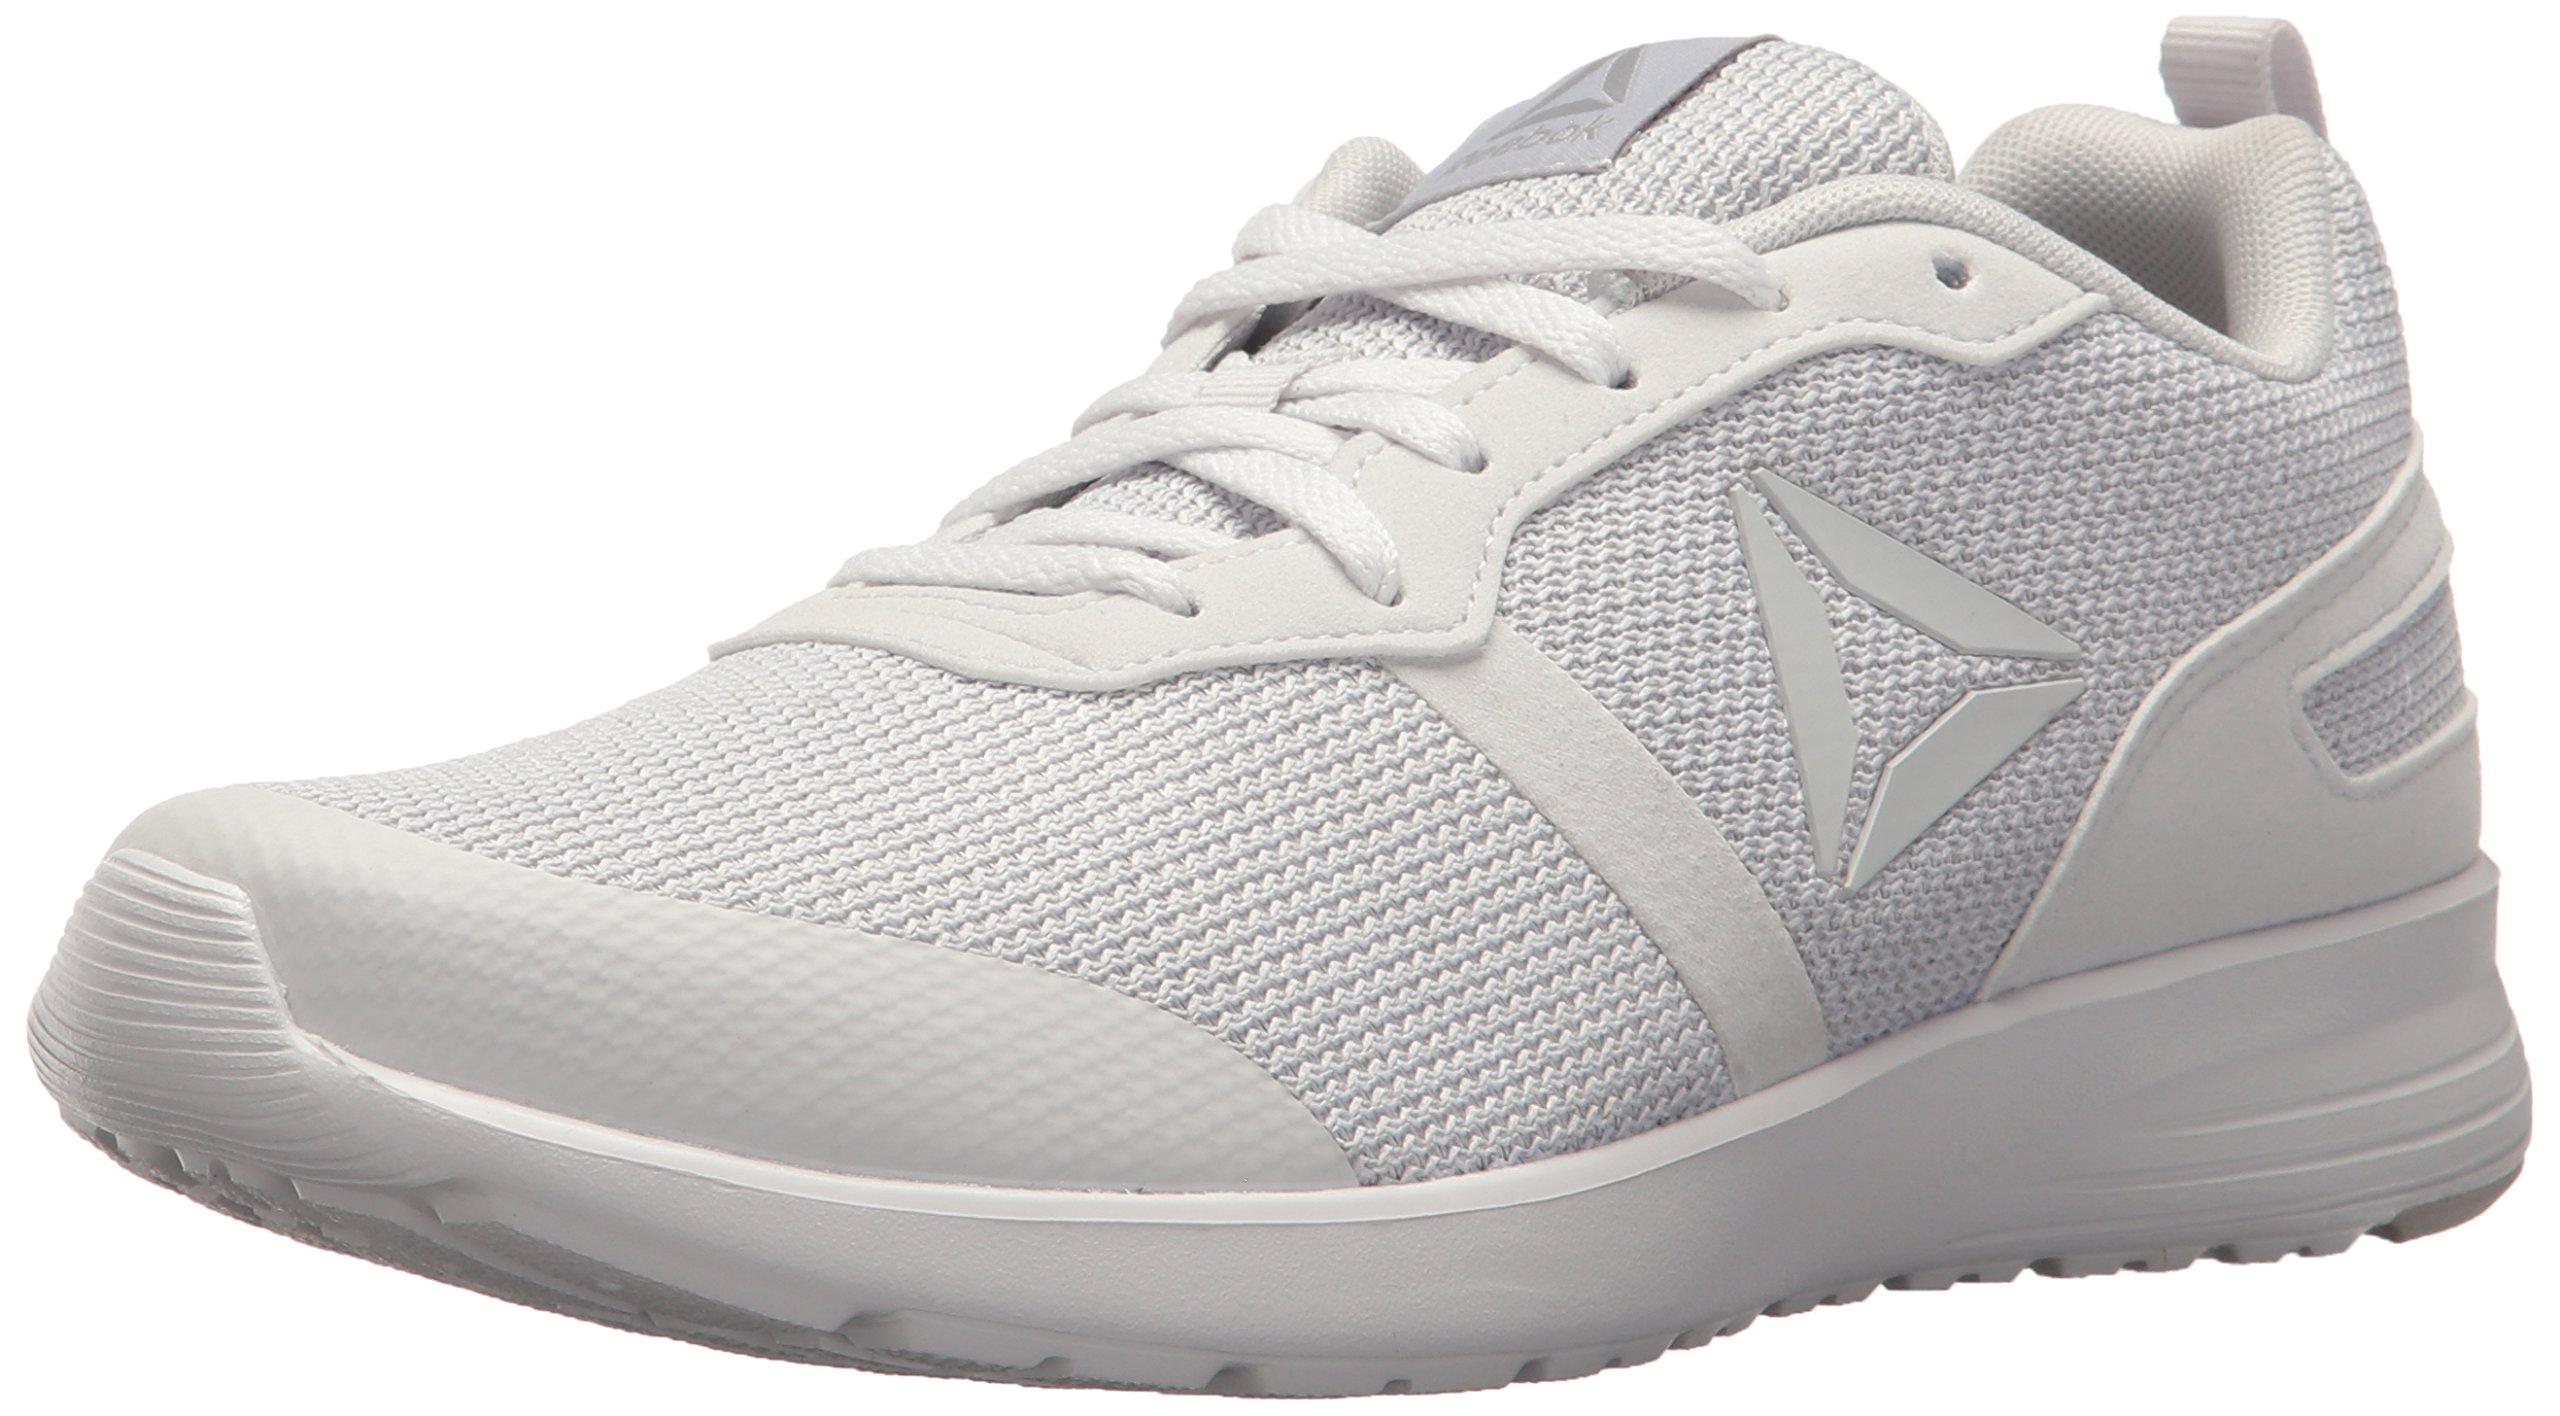 Reebok Women's Foster Flyer Track Shoe,porcelain/steel,8 M US